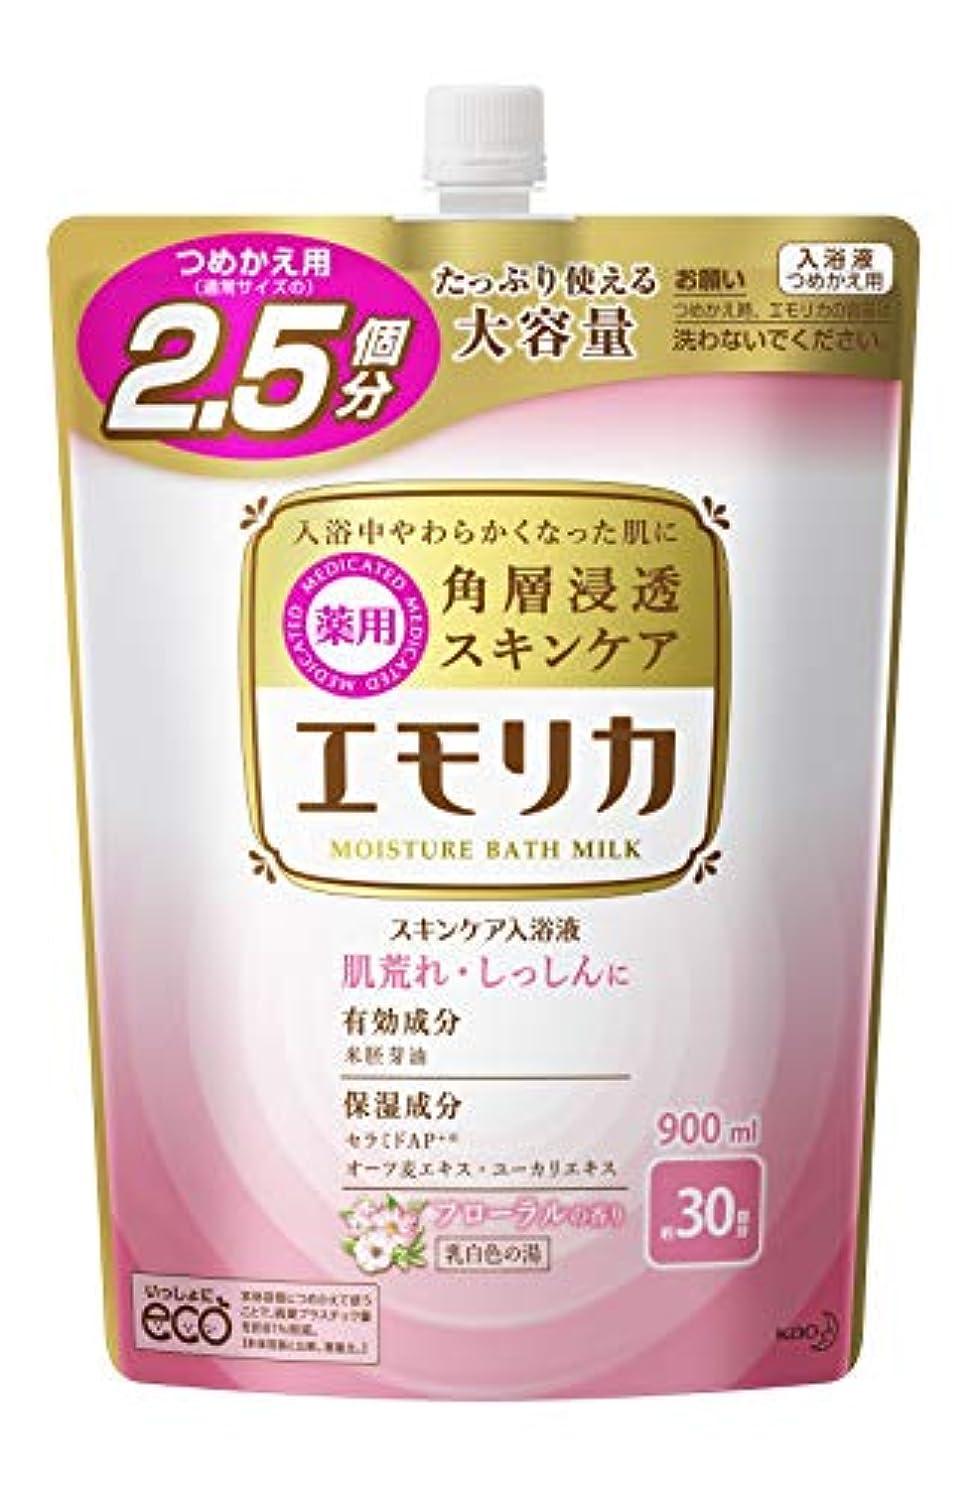 束ねる多様性がっかりする【大容量】エモリカ 薬用スキンケア入浴液 フローラルの香り つめかえ用900ml 液体 入浴剤 (赤ちゃんにも使えます)